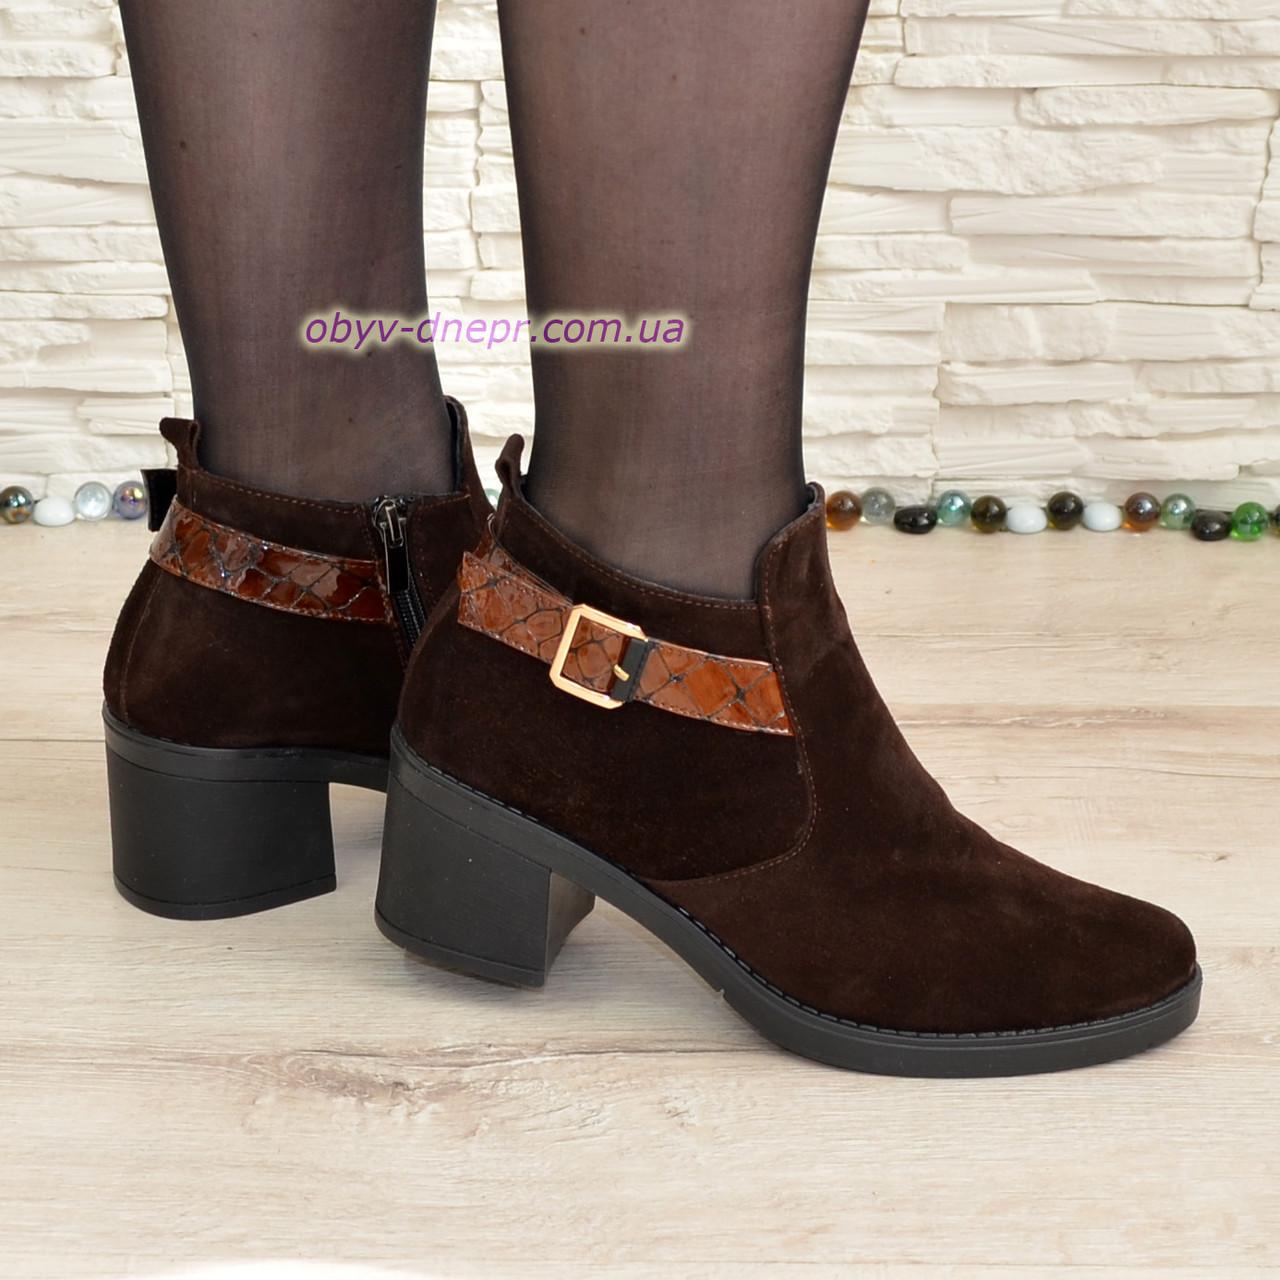 Замшевые женские   ботинки на устойчивом каблуке, коричневый цвет.